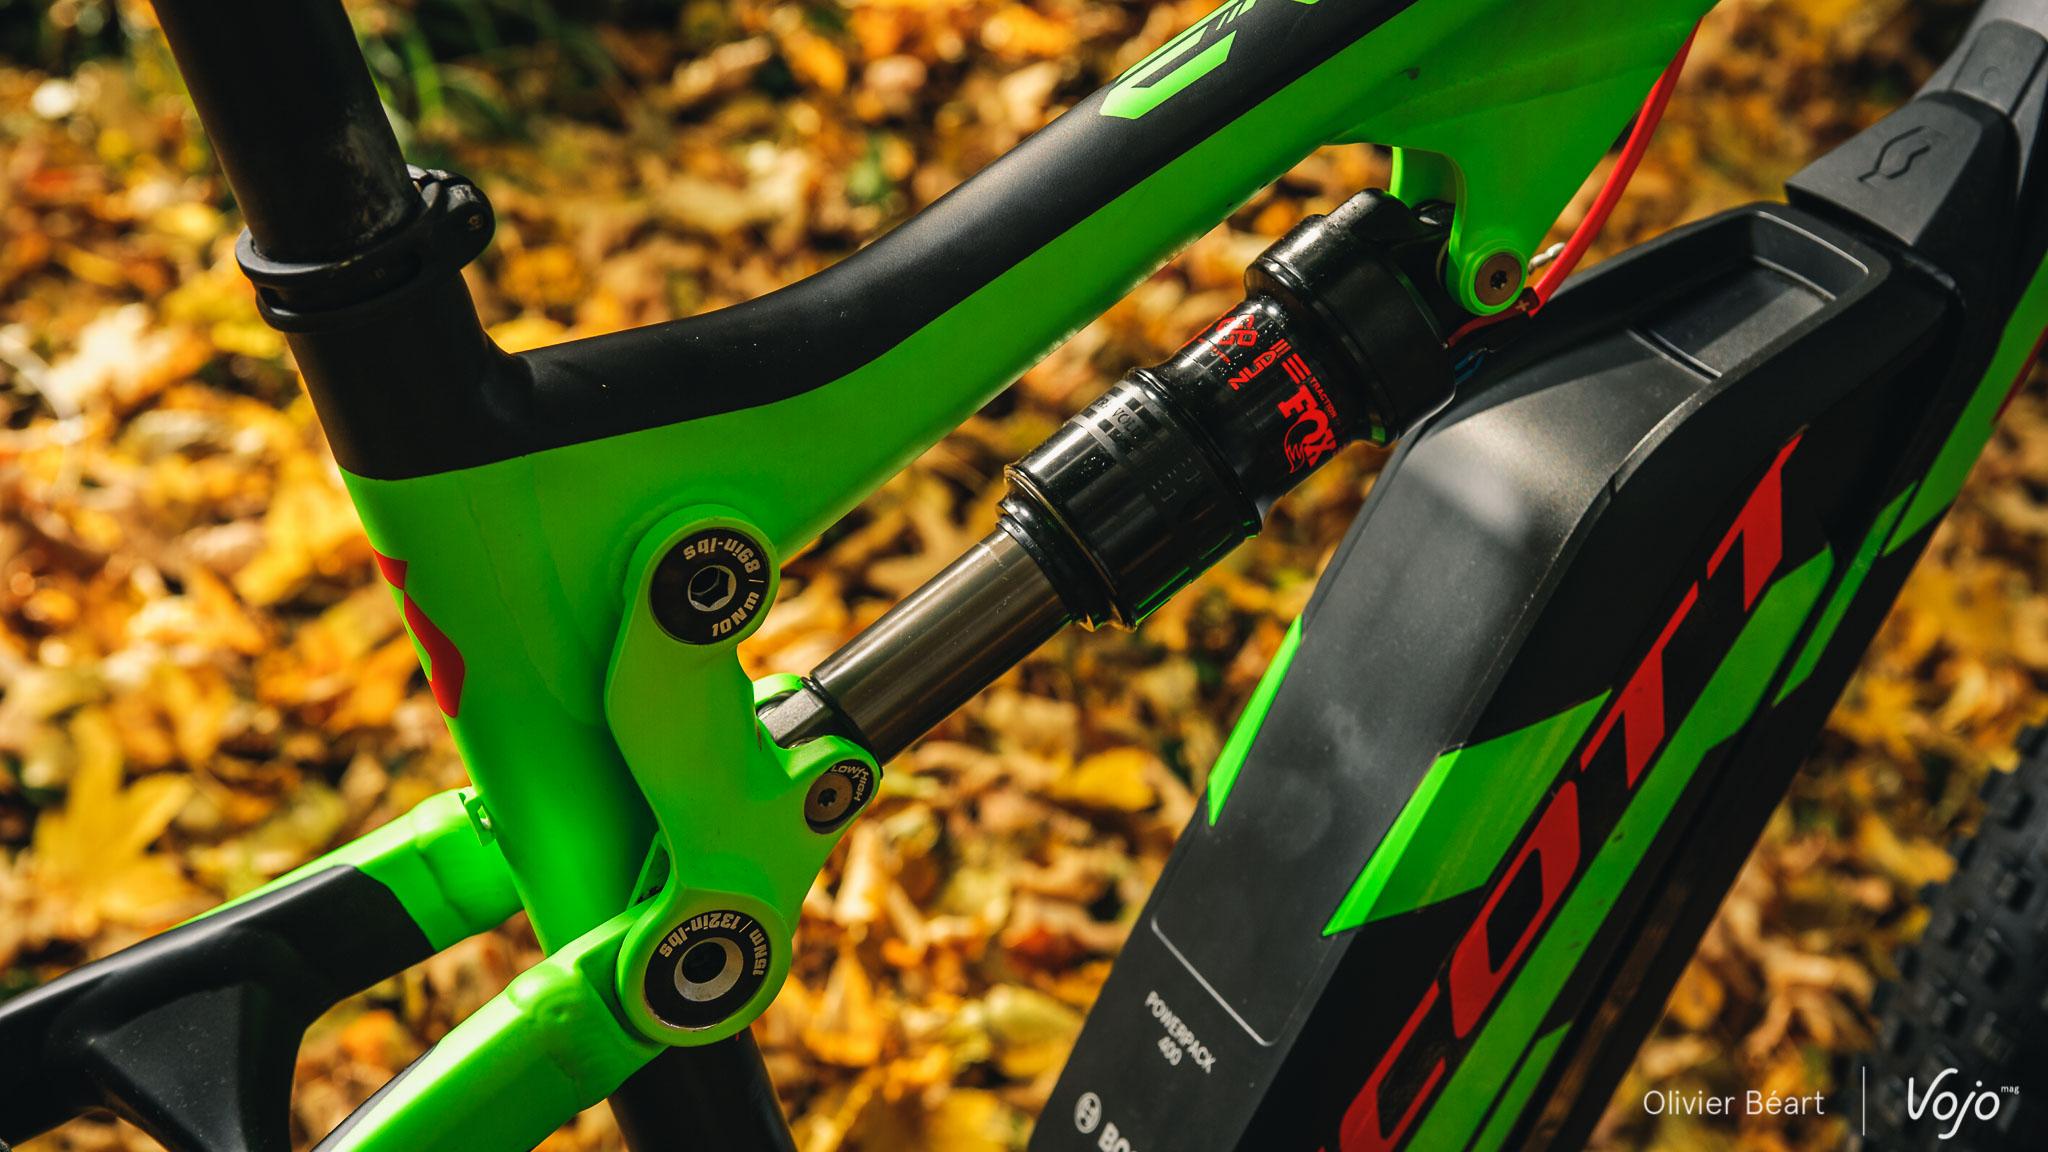 Scott_e_Genius_Test_b_Bicycle_VojoMag-1-2